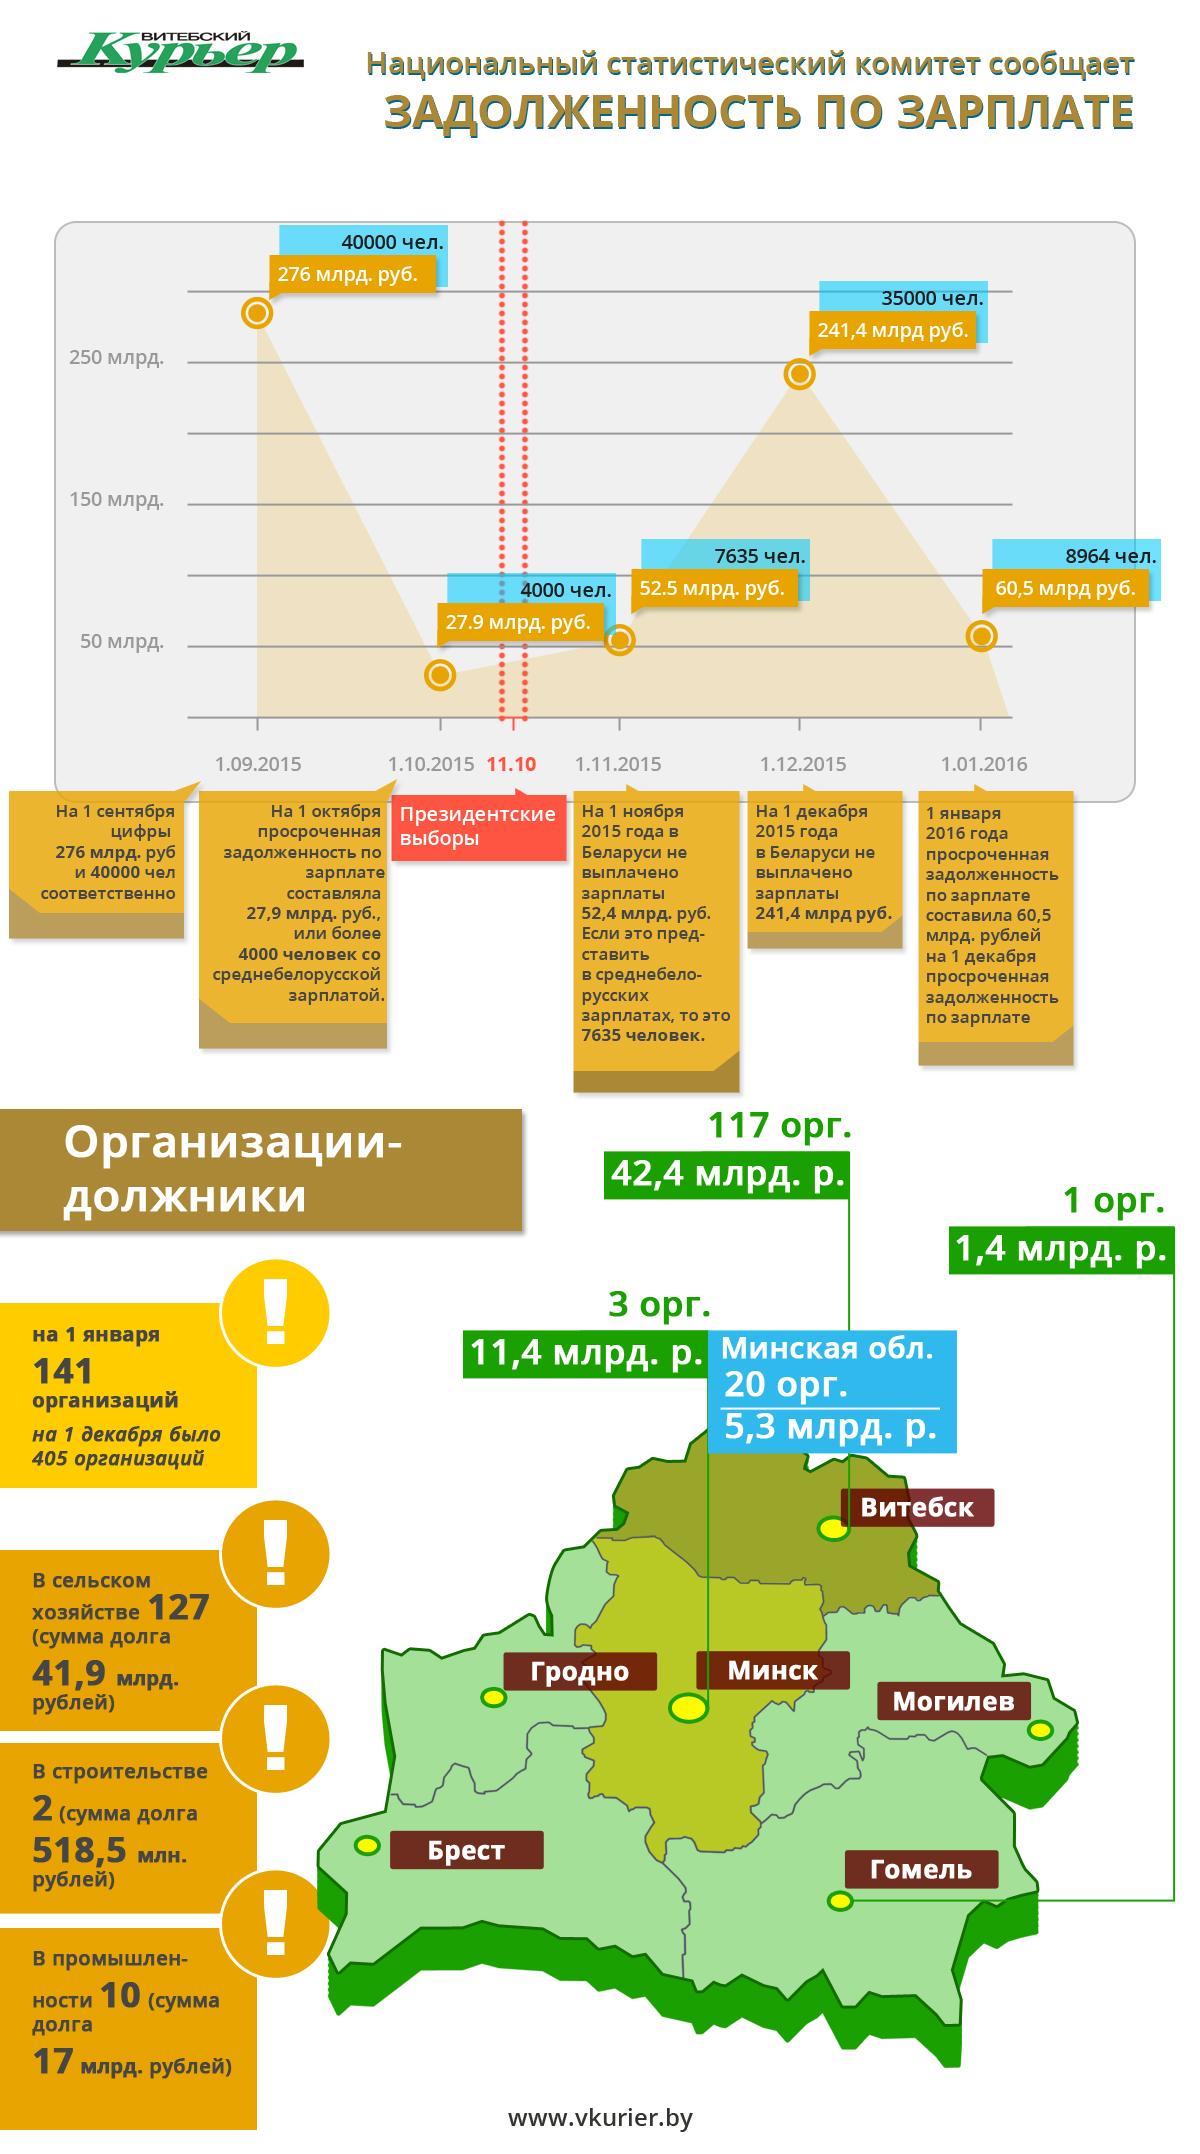 Задолженность по зарплате предприятий (154)